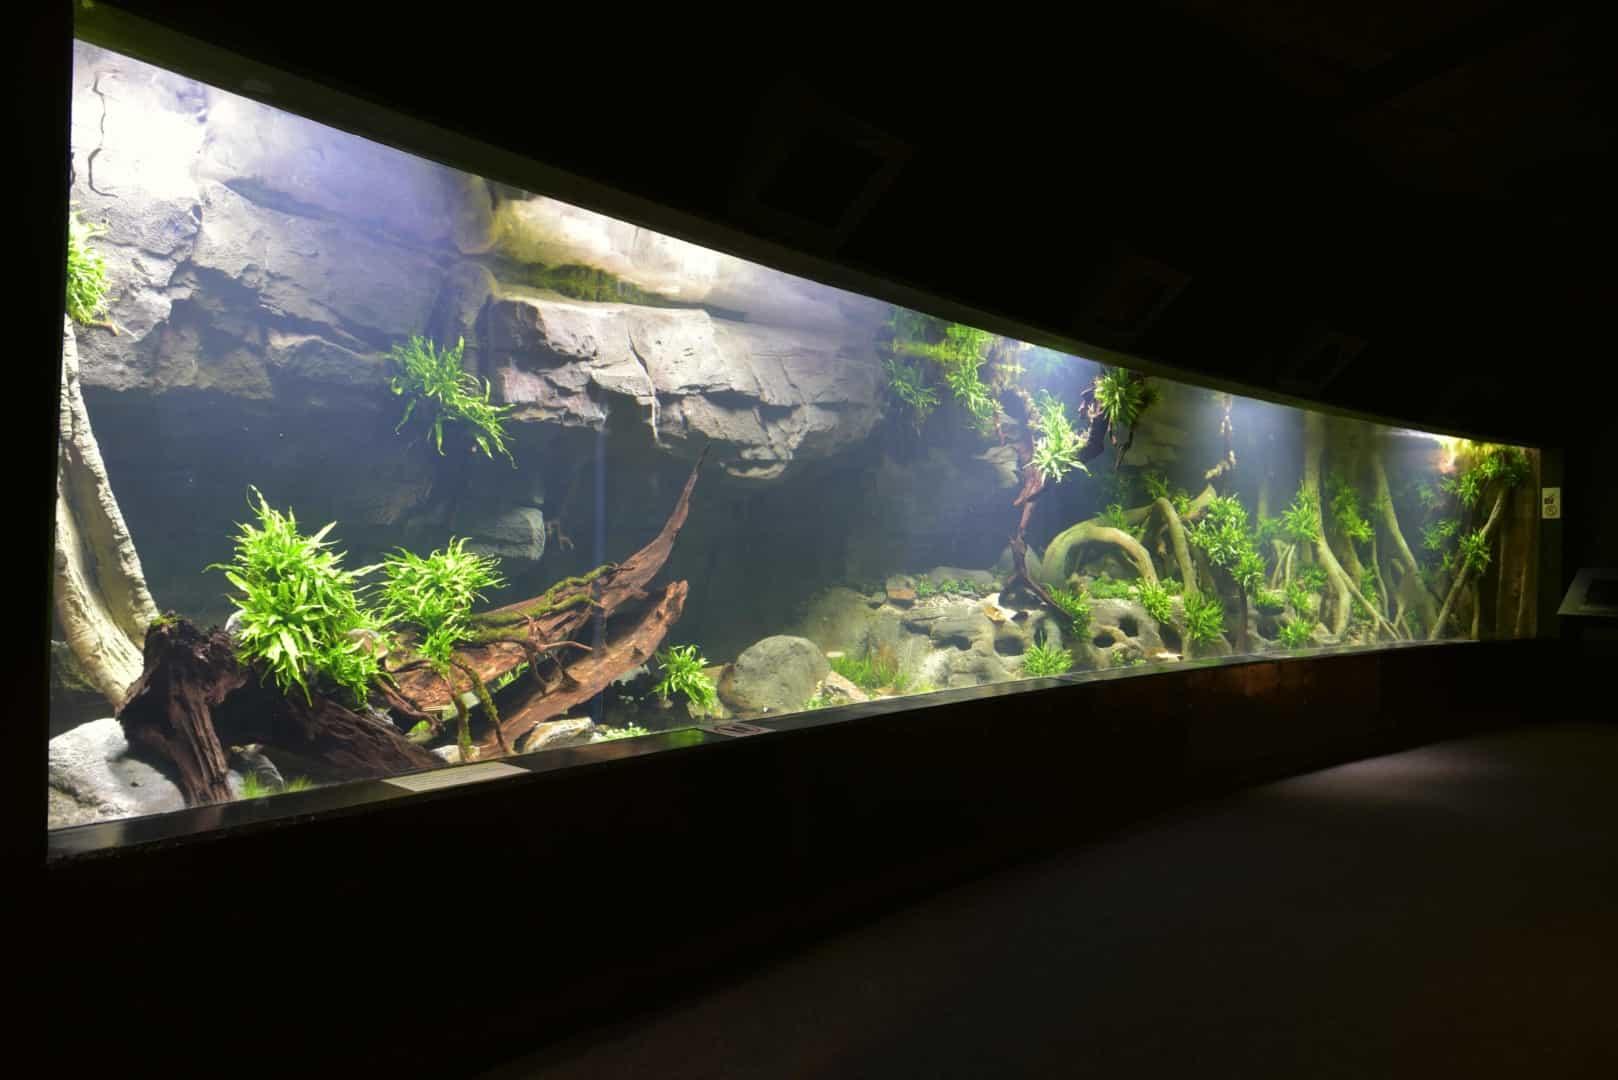 205 - Das 28.000 Liter Sumatra Flusslauf Aquarium im Tierpark Hagenbeck - Die Planung und Vorbereitung + Fakten (Stefan Hummel) 13